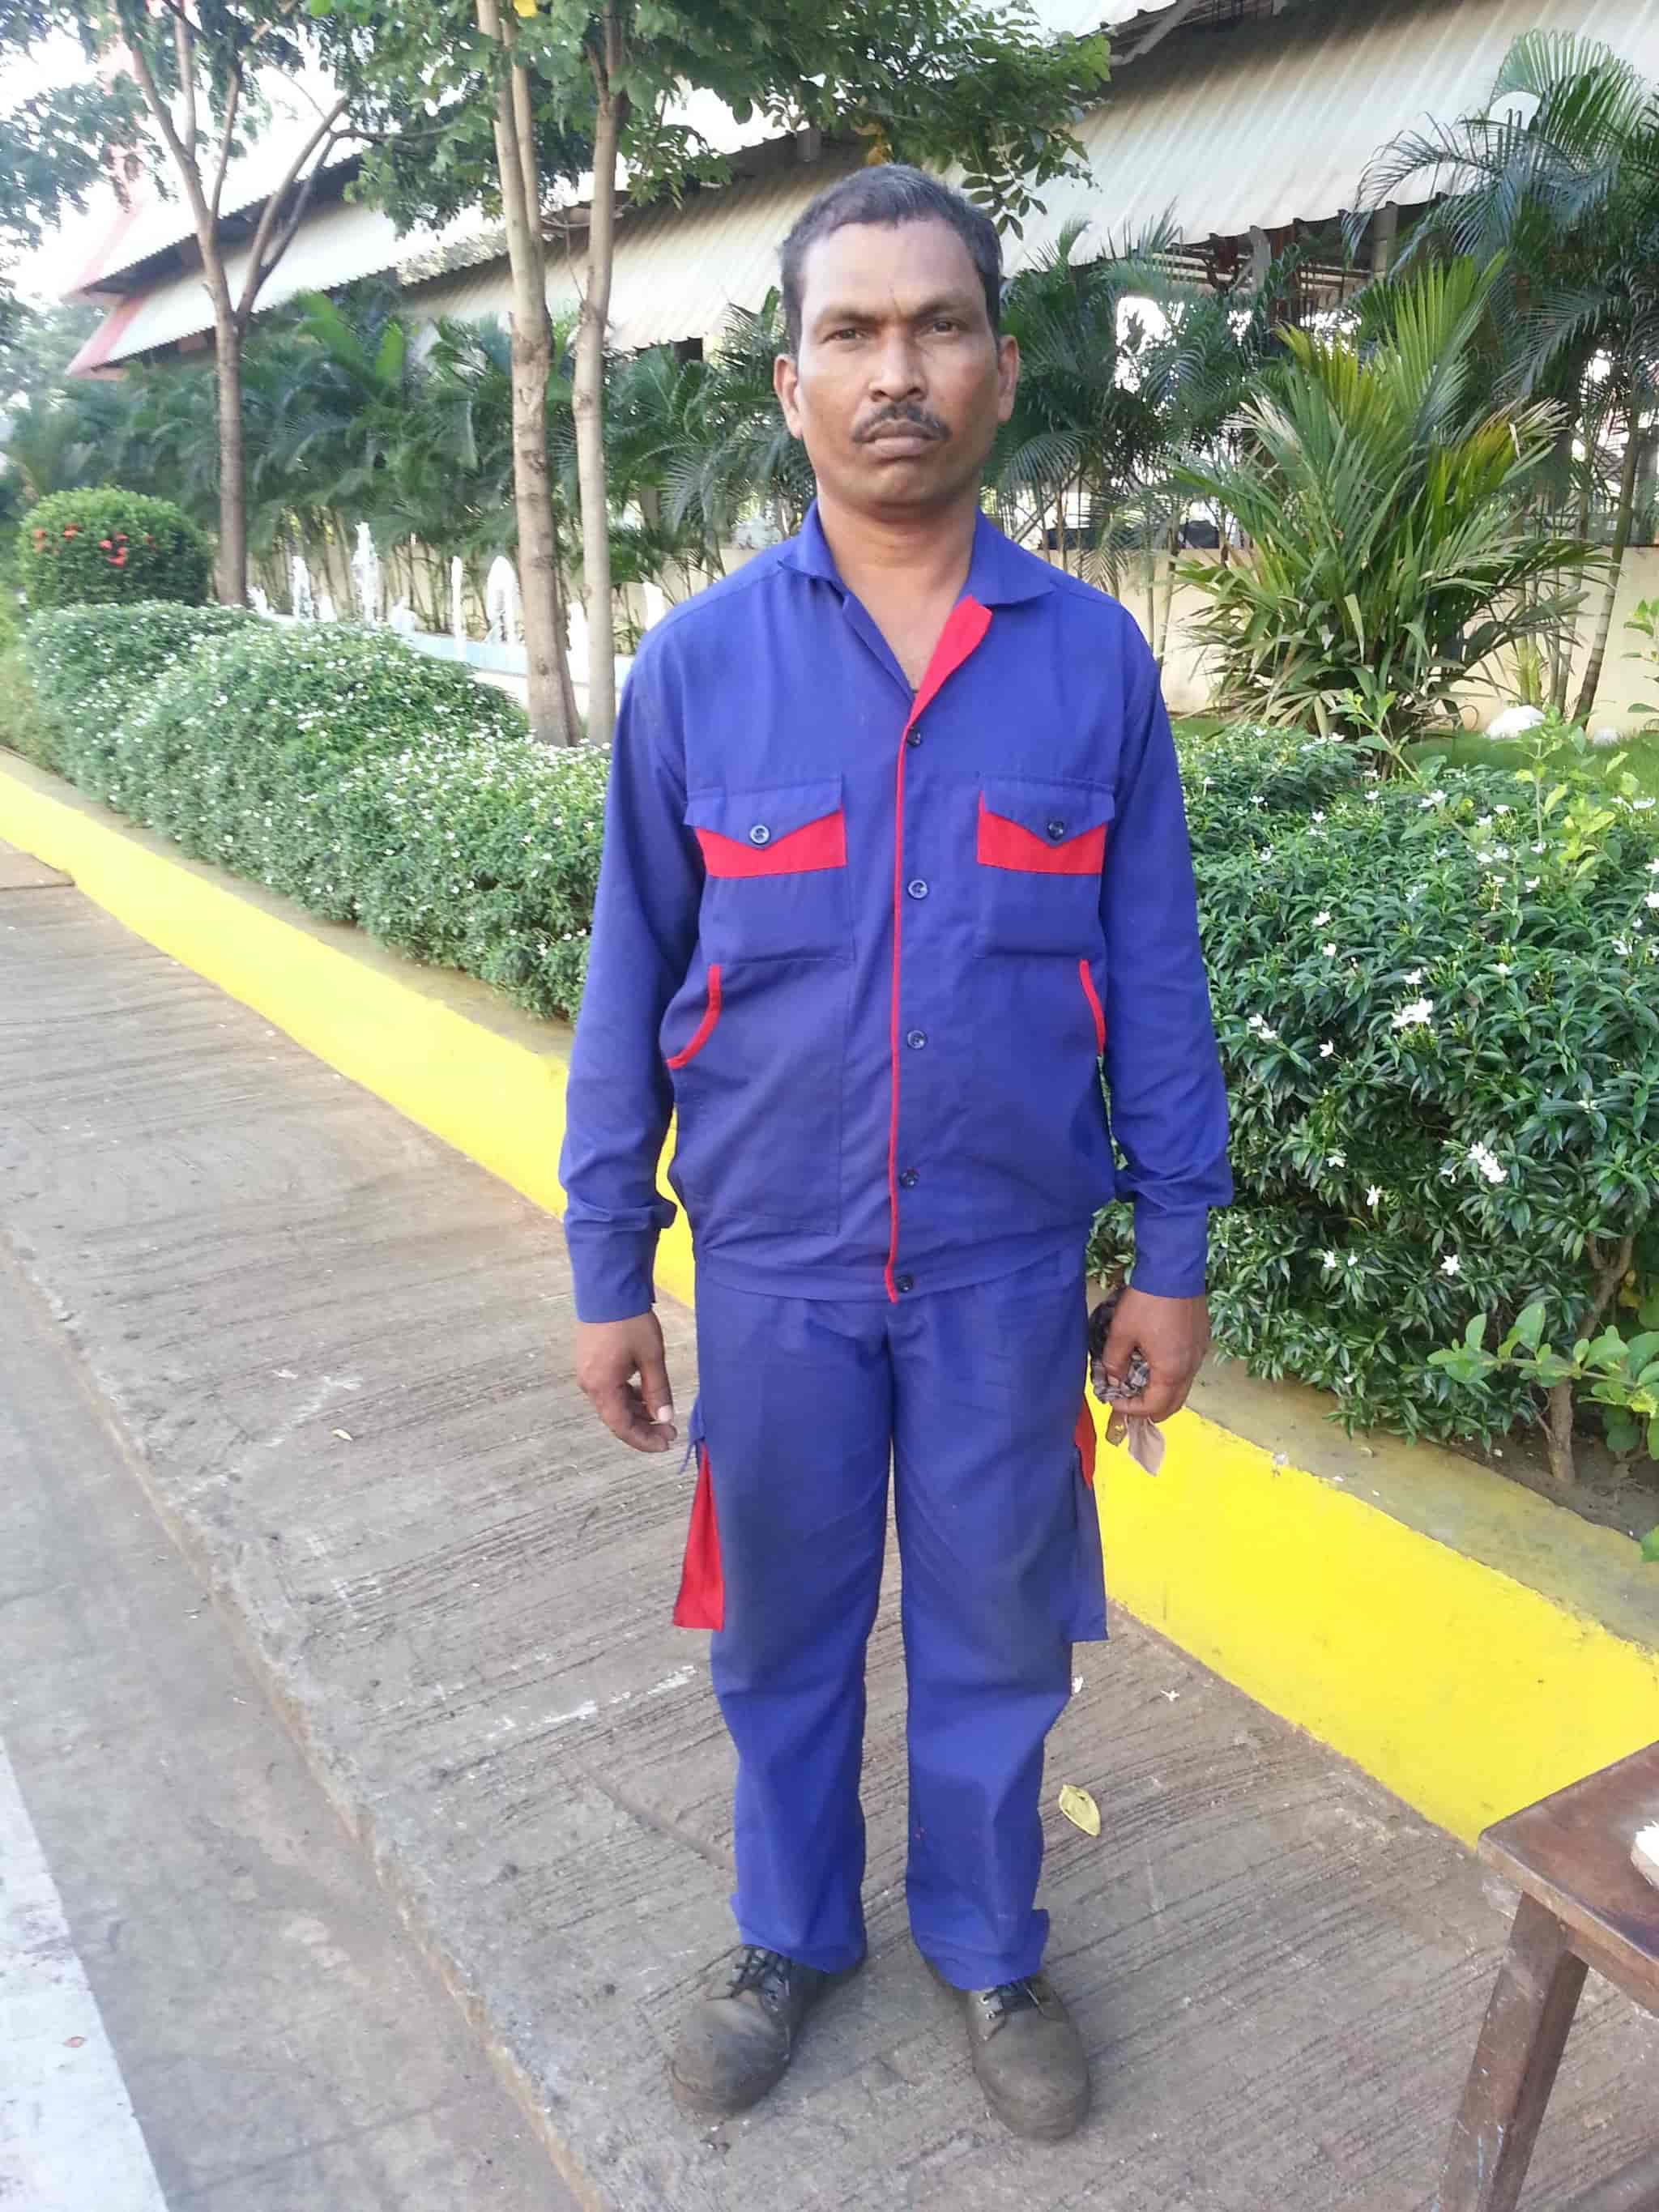 77e00864ed6203 Sumatisons Readymades Uniforms Reviews, Purasawalkam, Chennai - 67 Ratings  - Justdial